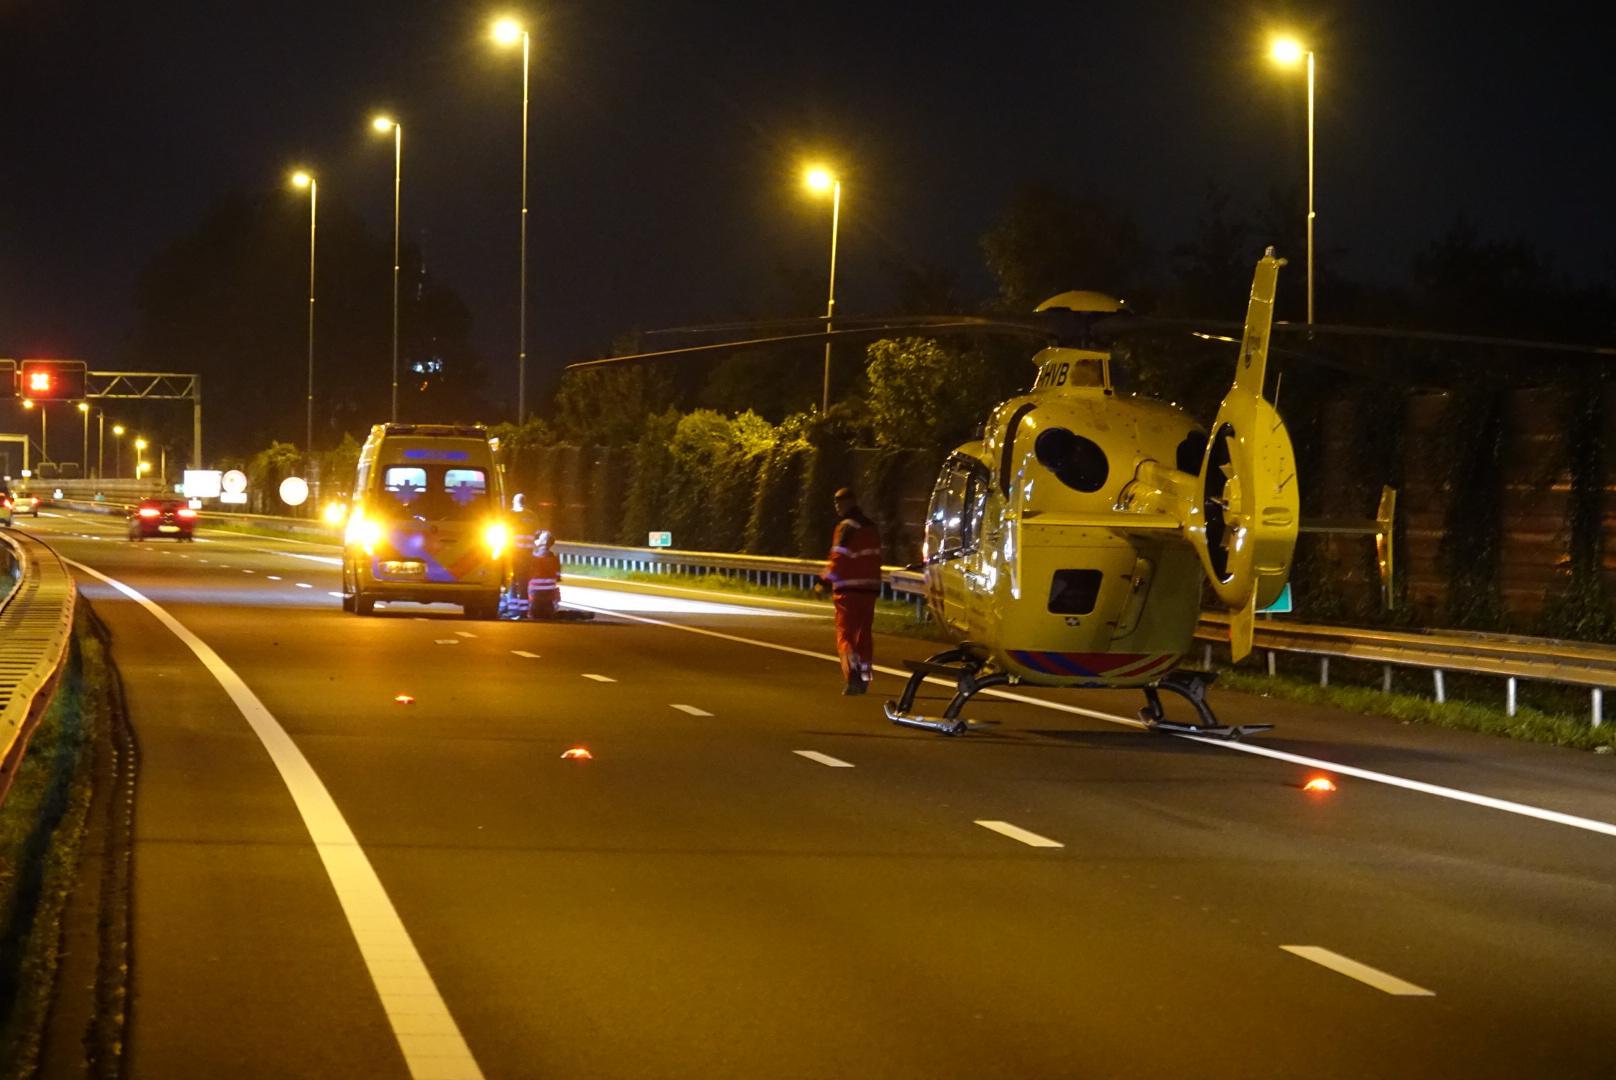 Vrachtwagenchauffeur aangereden op de A8 bij Koog aan de Zaan, automobilist rijdt door [update]